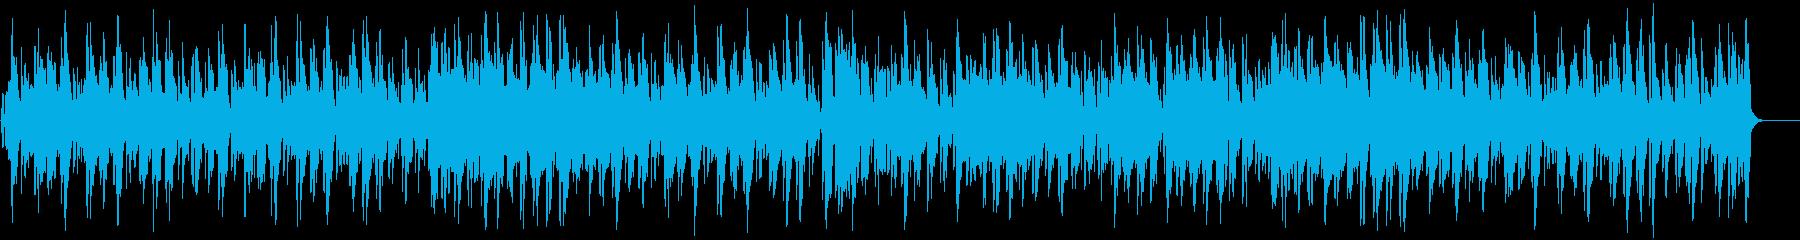 サックスが大人で優雅なボサノバの再生済みの波形